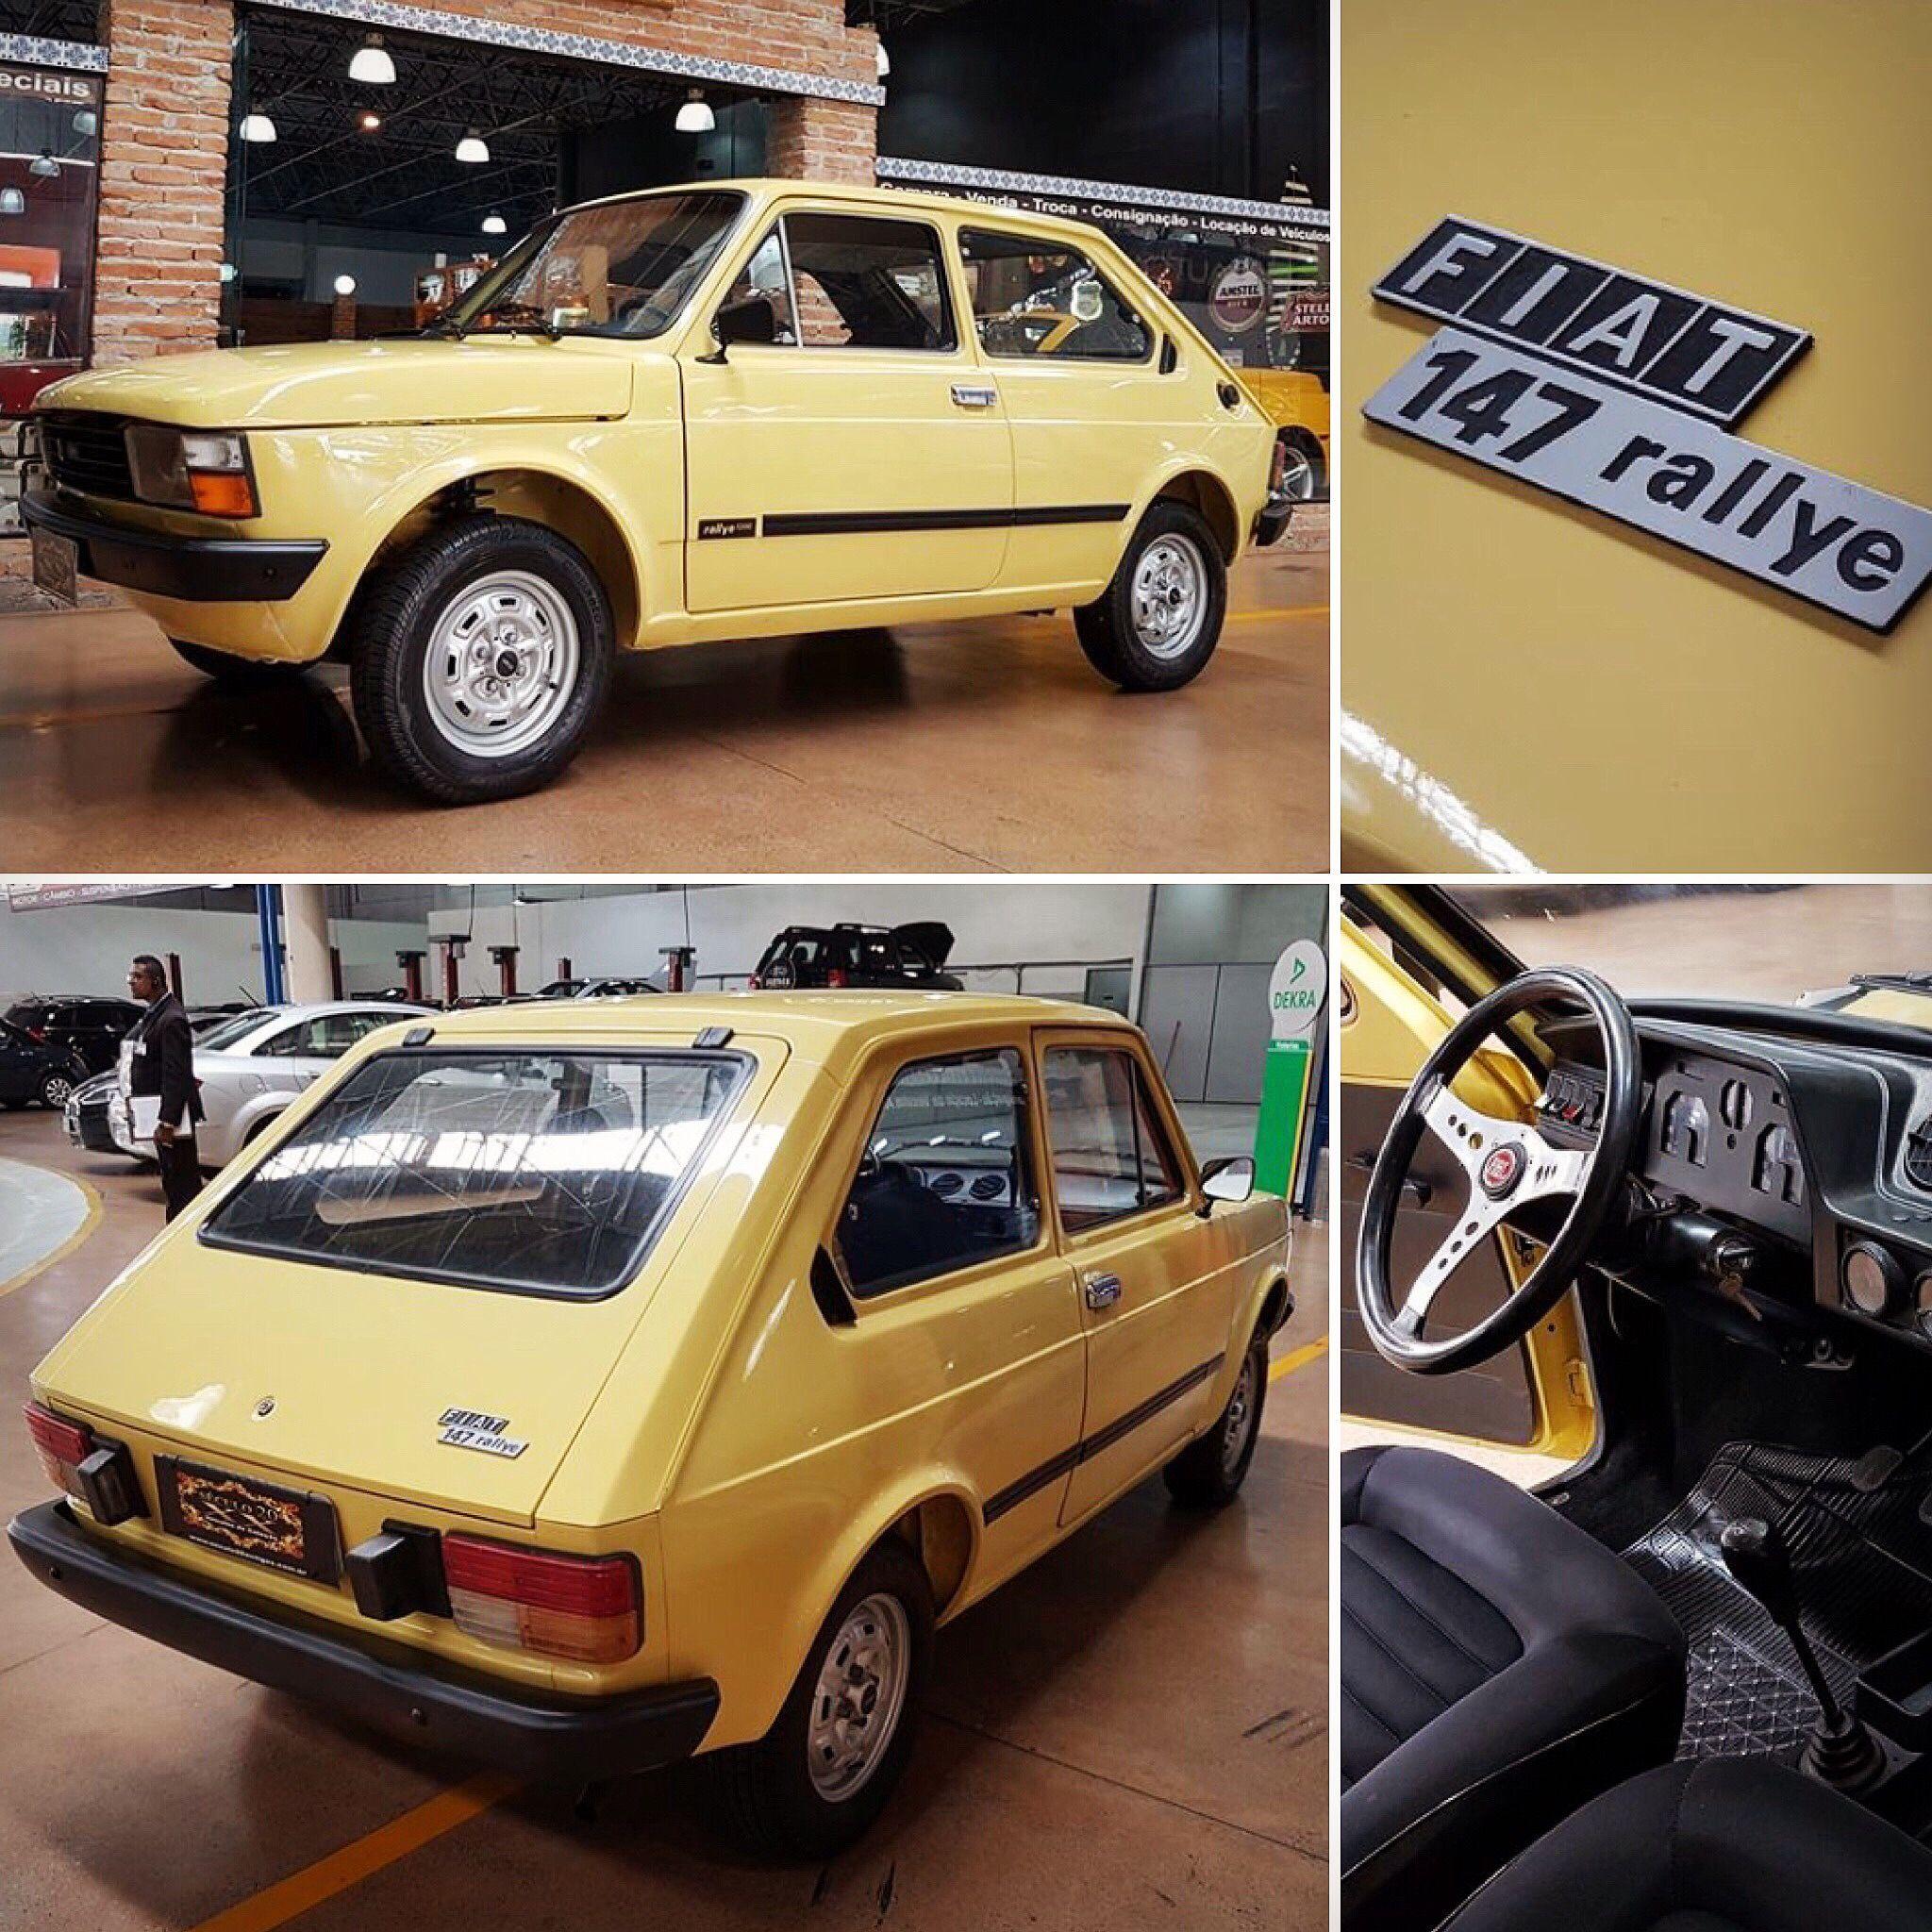 Fiat 147 Rallye 1980 Carros E Caminhoes Carros E Carros E